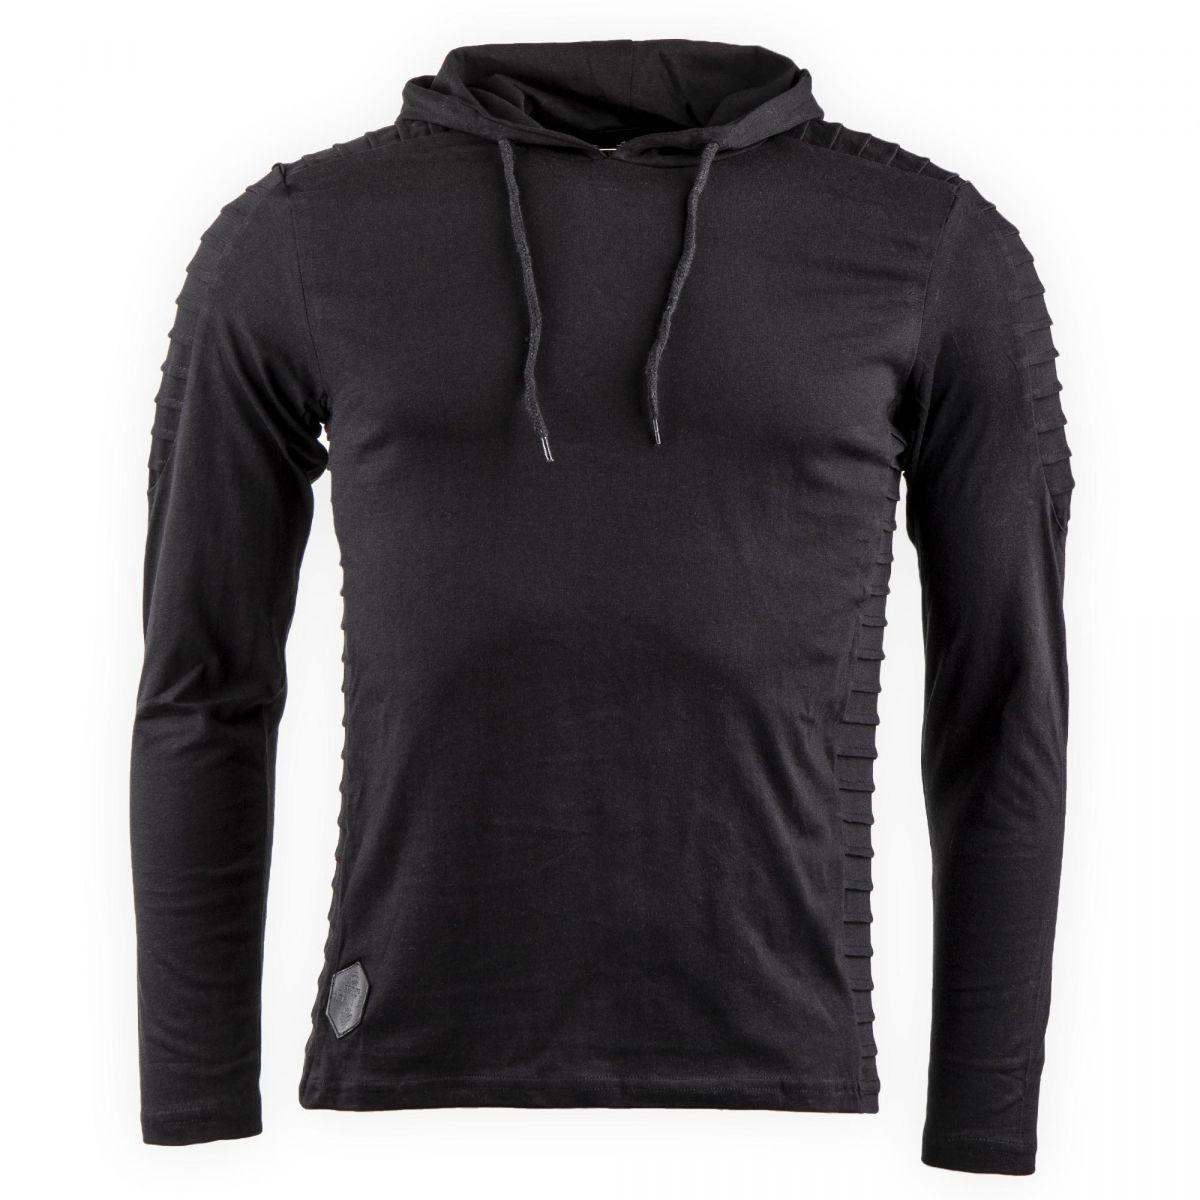 tee shirt manches longues avec capuche morevit homme hite. Black Bedroom Furniture Sets. Home Design Ideas